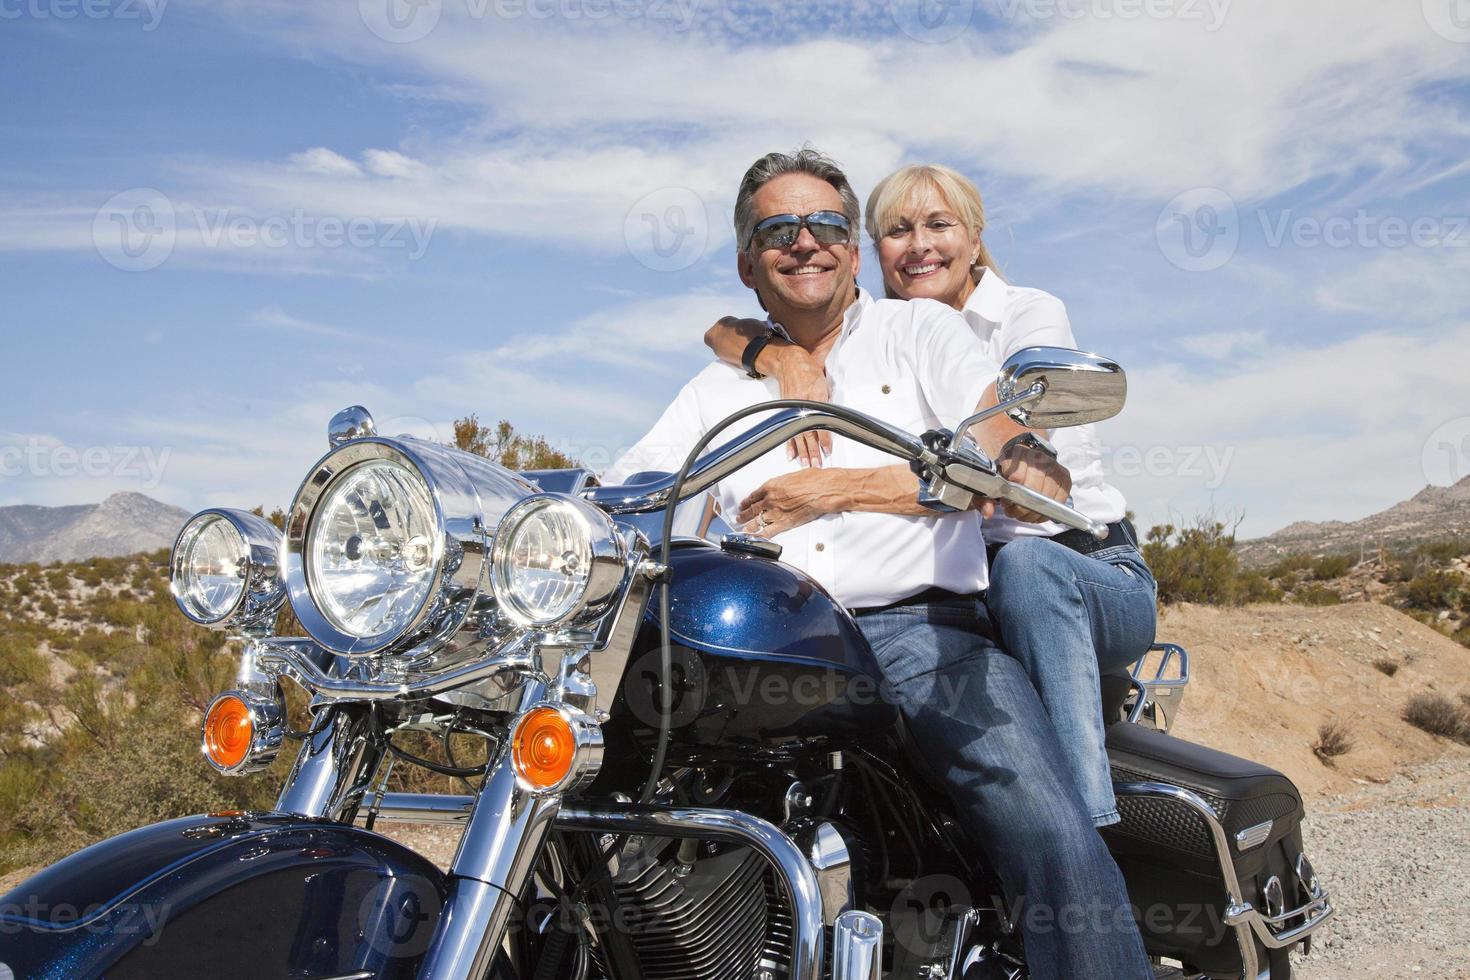 coppia senior nel deserto foto